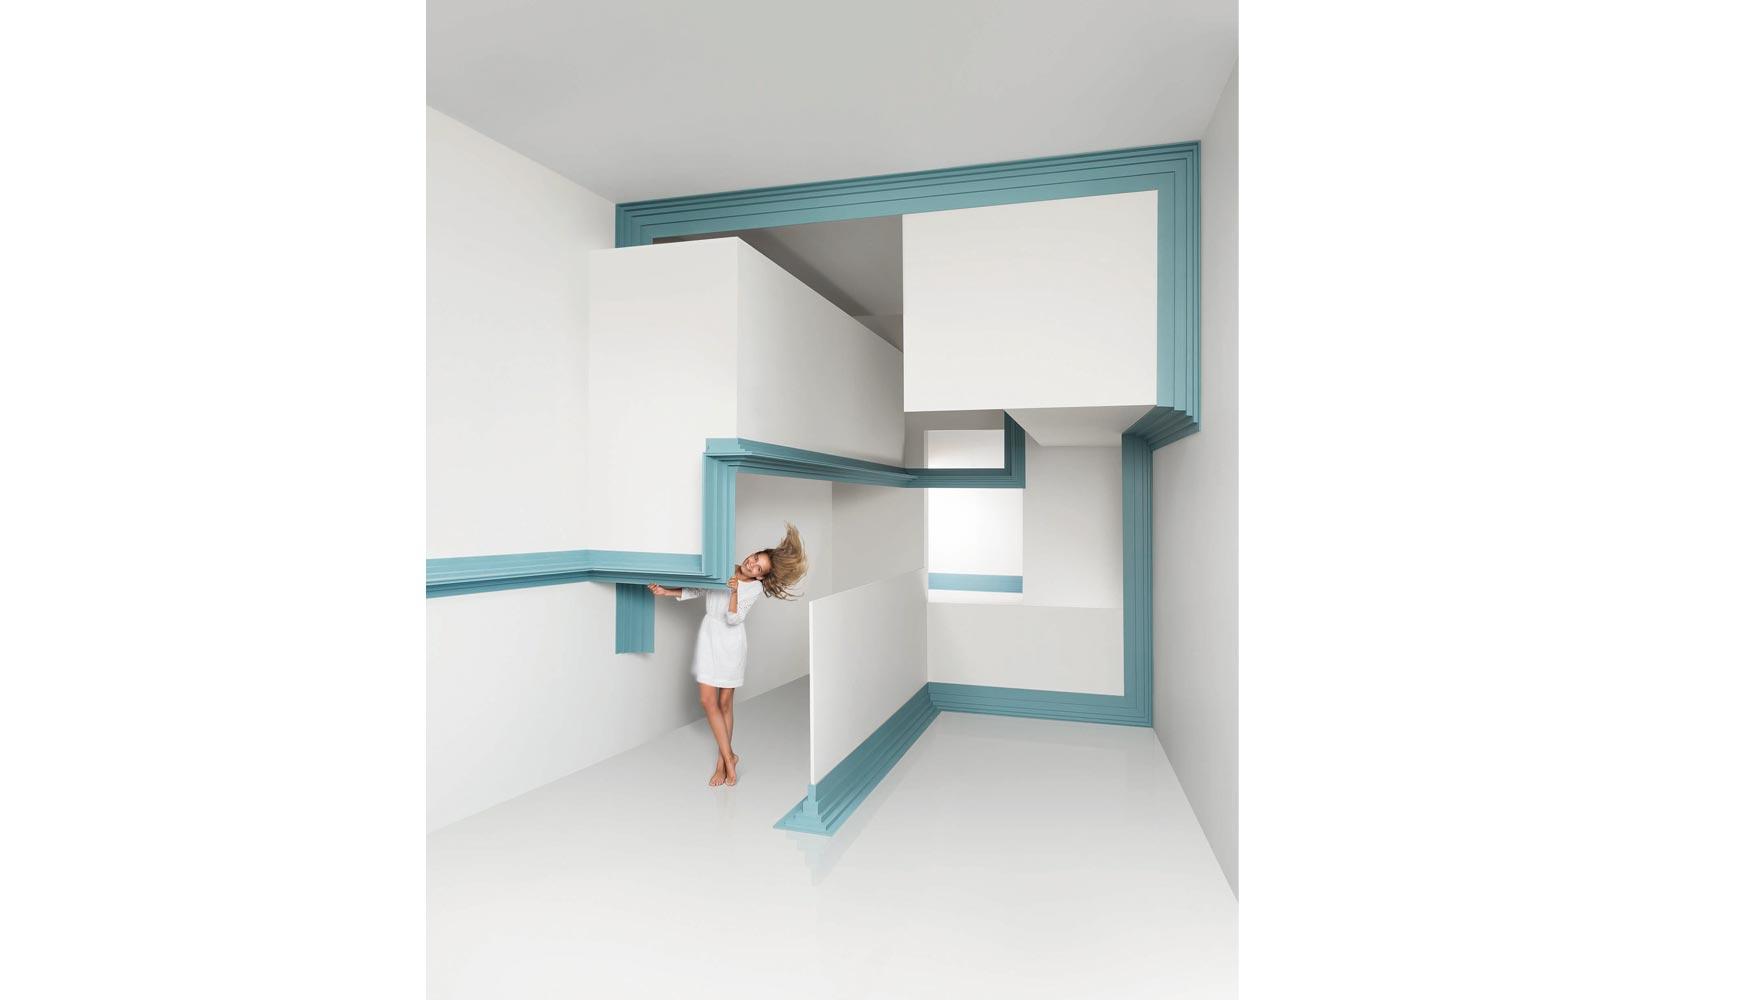 Dise o innovador y funcionalidad con las nuevas cornisas decorativas steps de orac decor - Cornisa para led ...